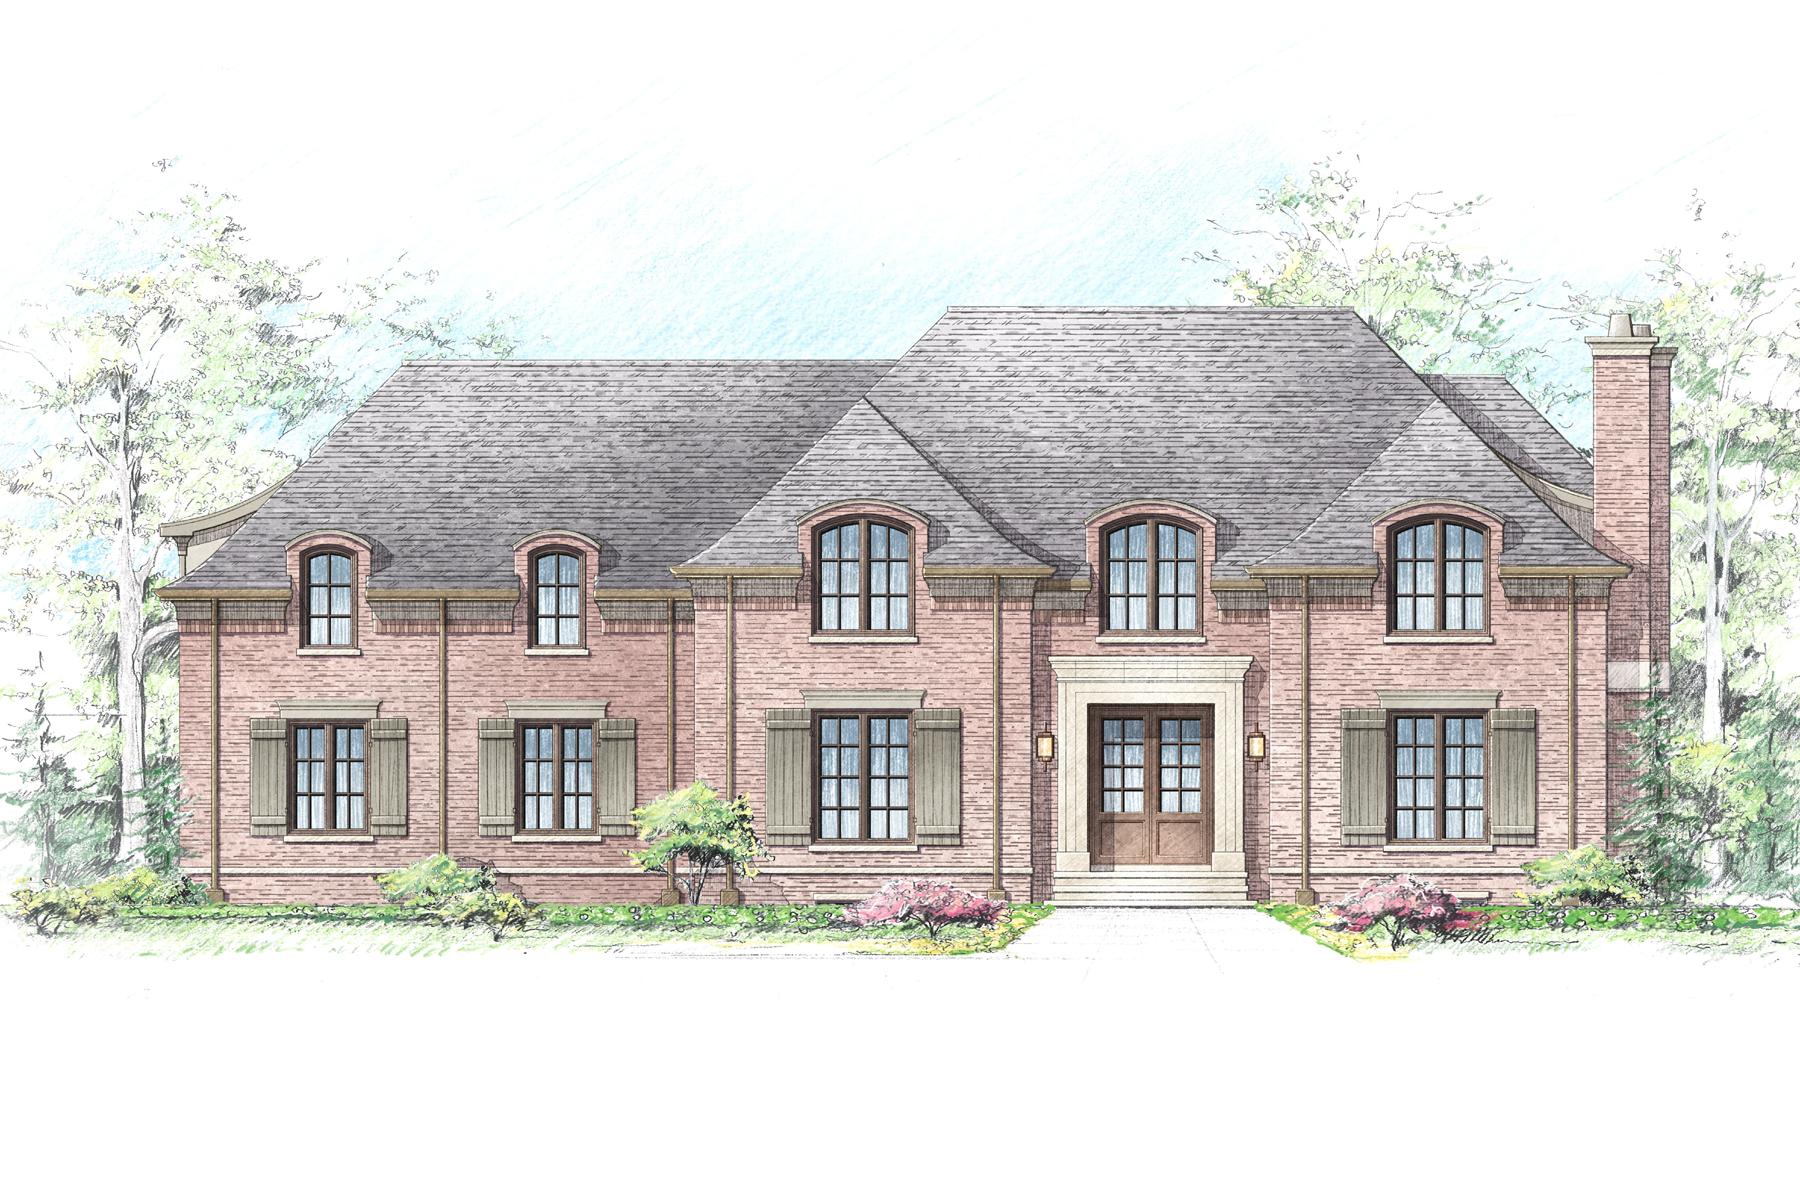 独户住宅 为 销售 在 Birmingham 1298 Brookwood 伯明翰, 密歇根州, 48009 美国